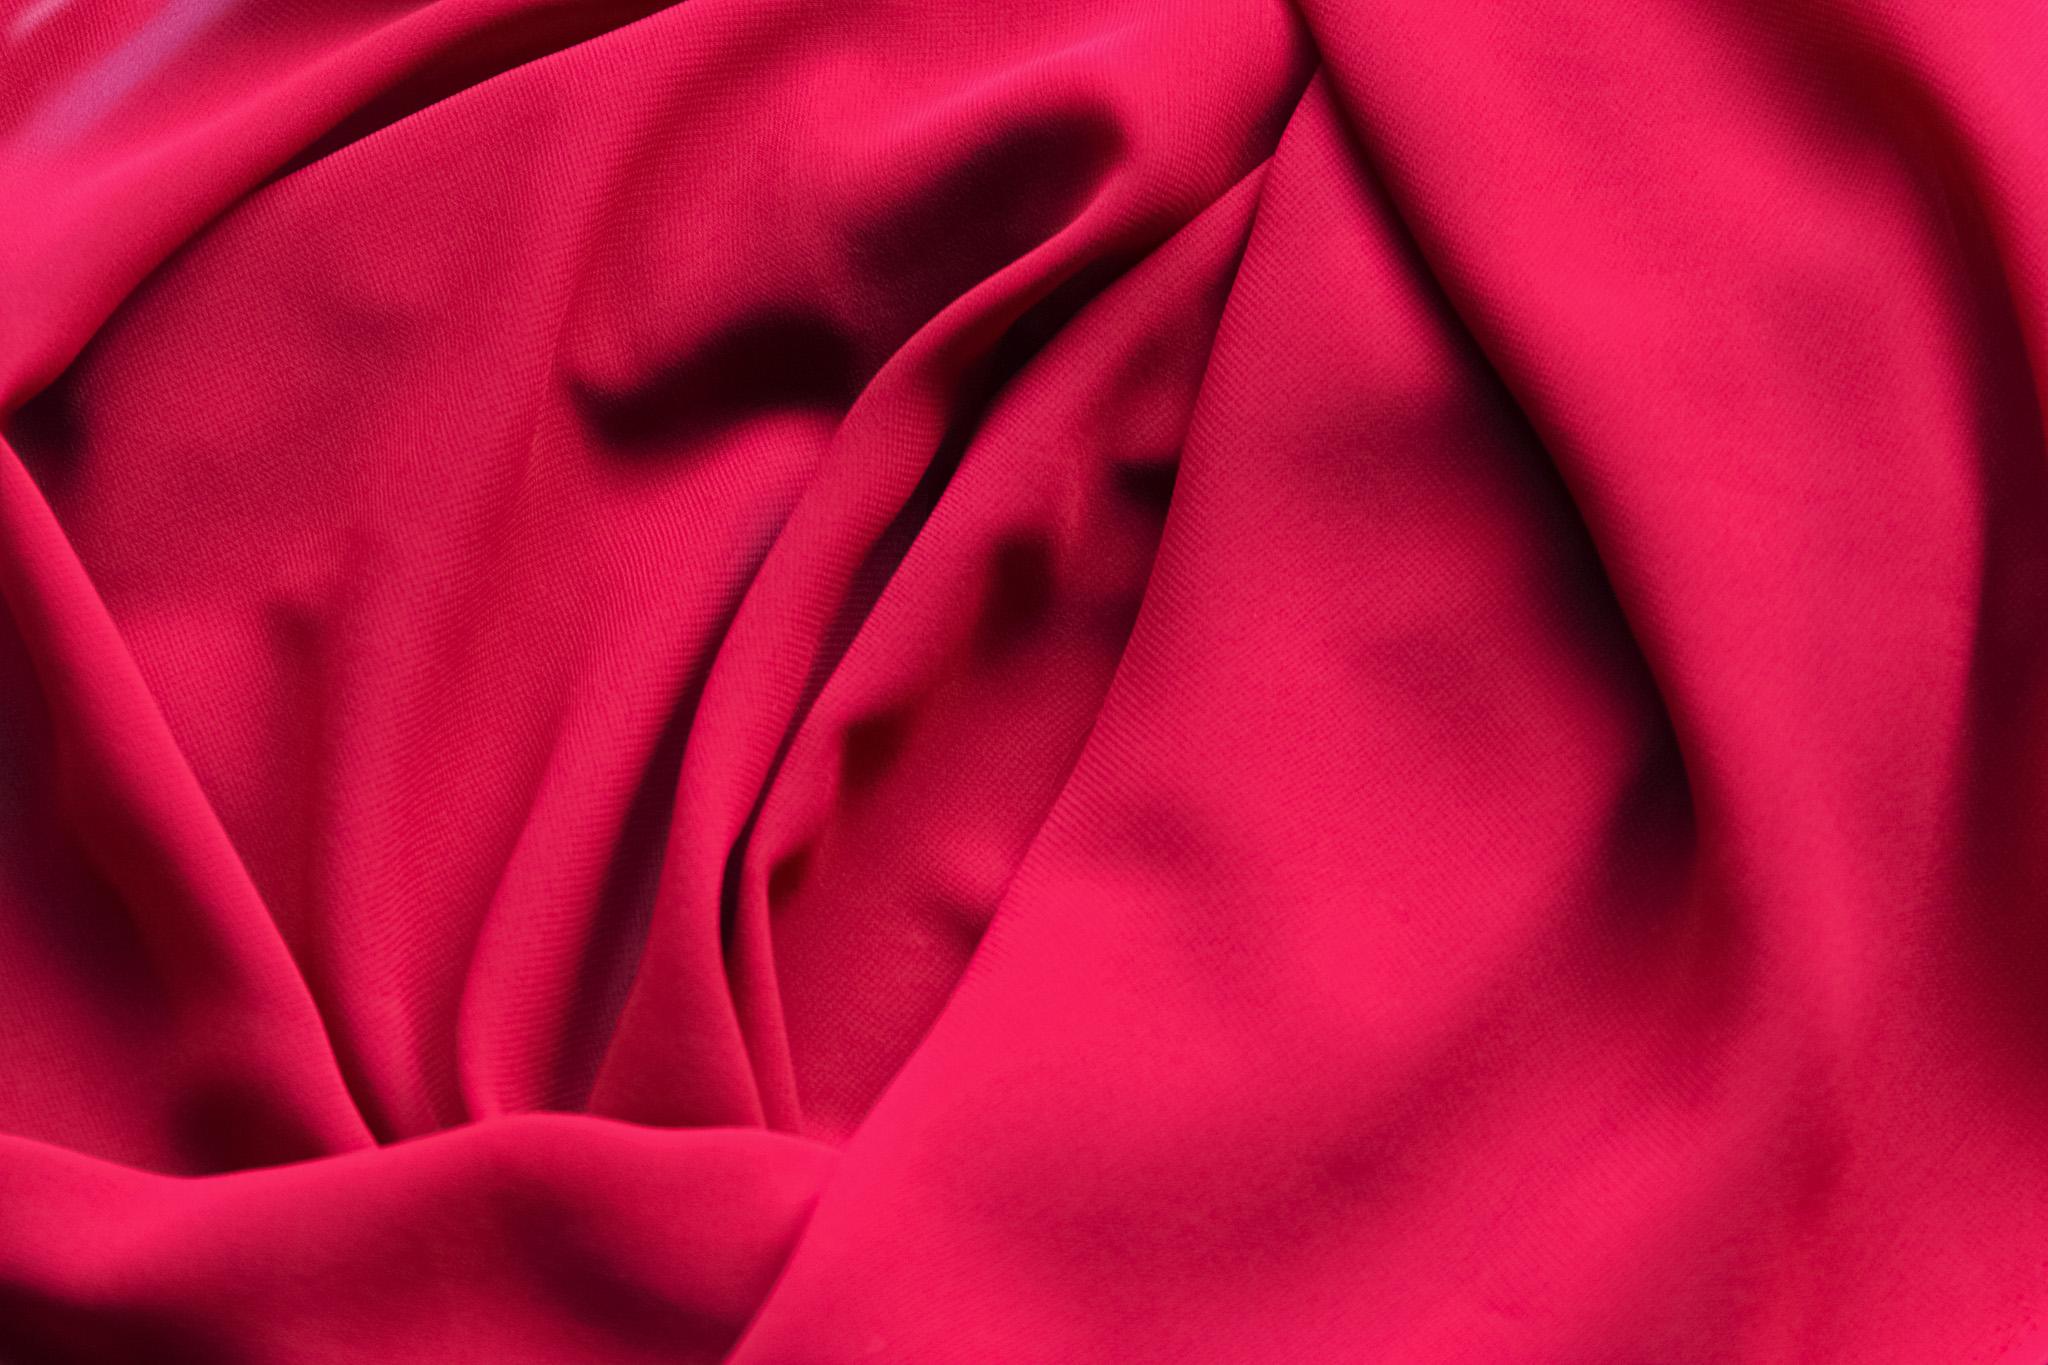 「赤いバラの様なテキスタイル素材」